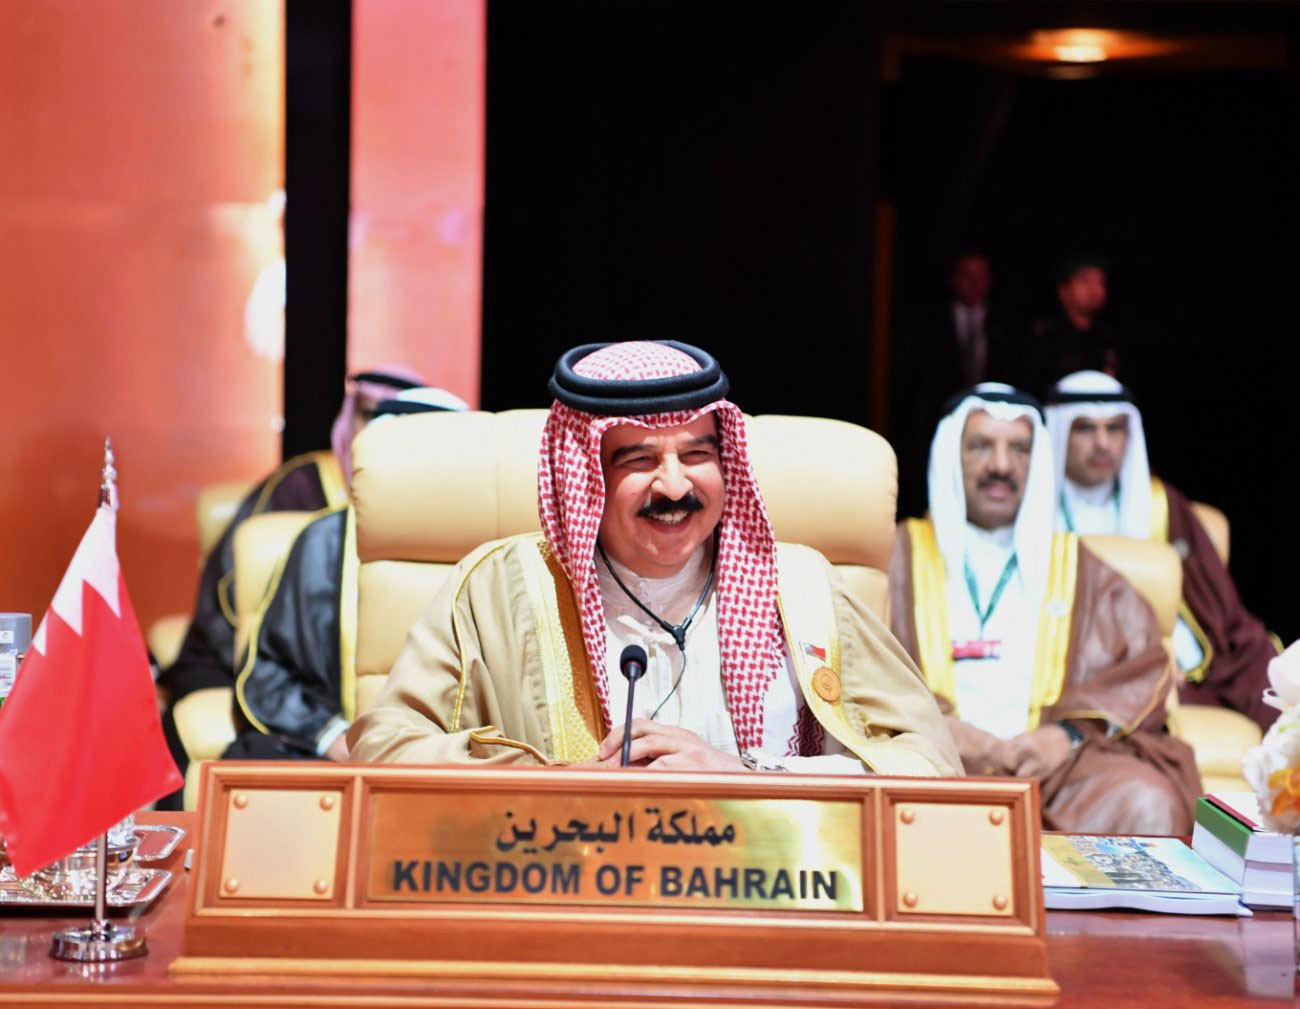 الملك: التعاون بين الأشقاء هو ما سيحفظ للدول العربية مقدراتها